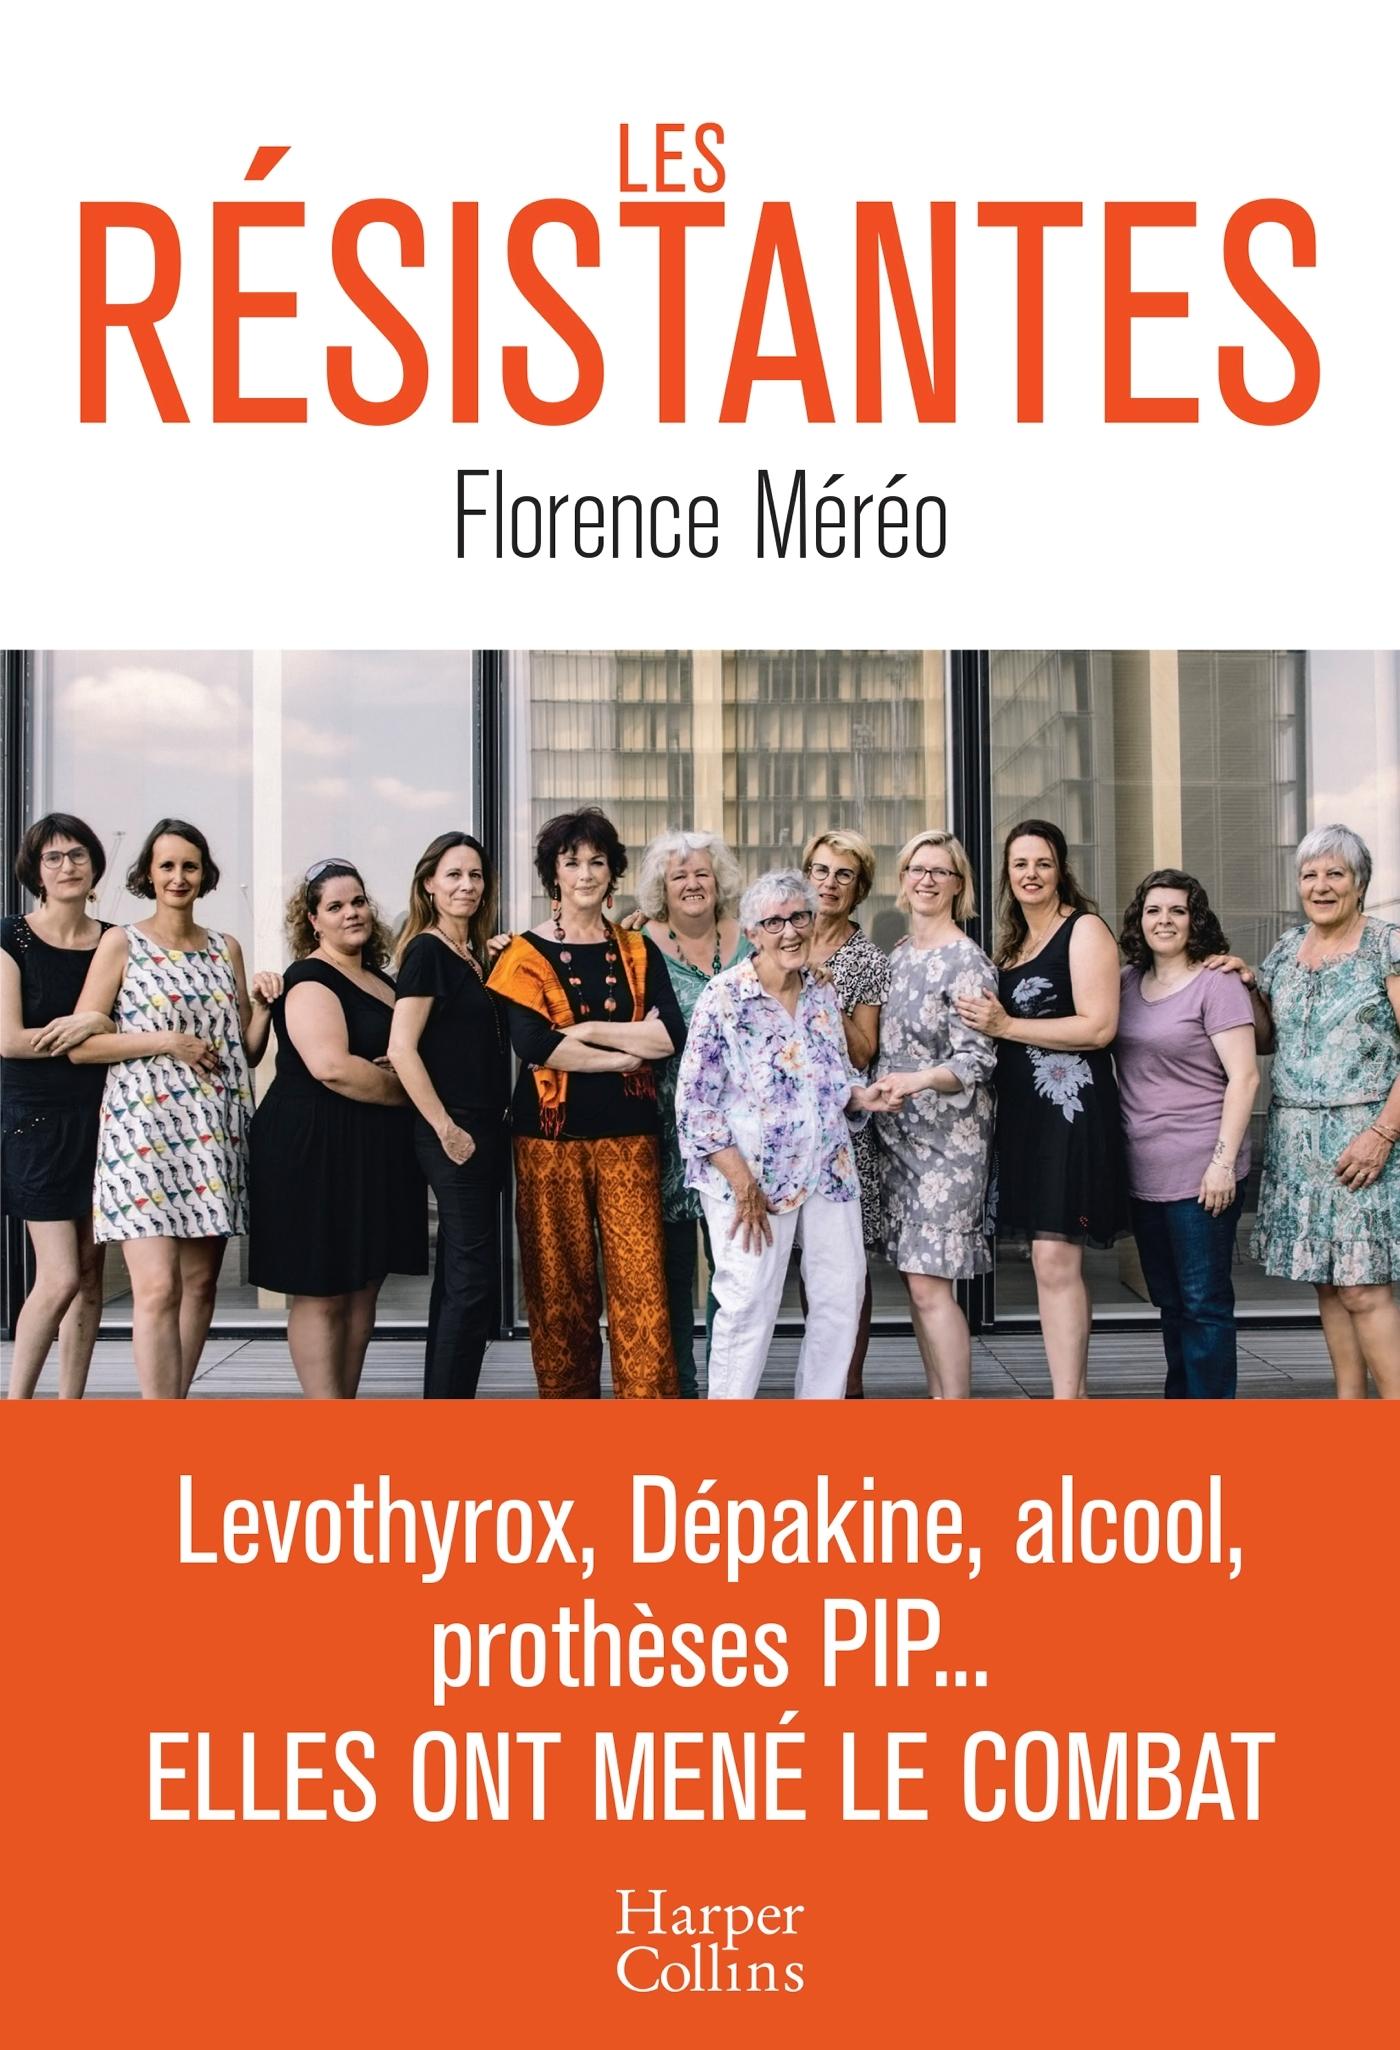 LES RESISTANTES - LEVOTHYROX, DEPAKINE, ALCOOL, PROTHESES PIP... : ELLES ONT MENE LE COMBAT